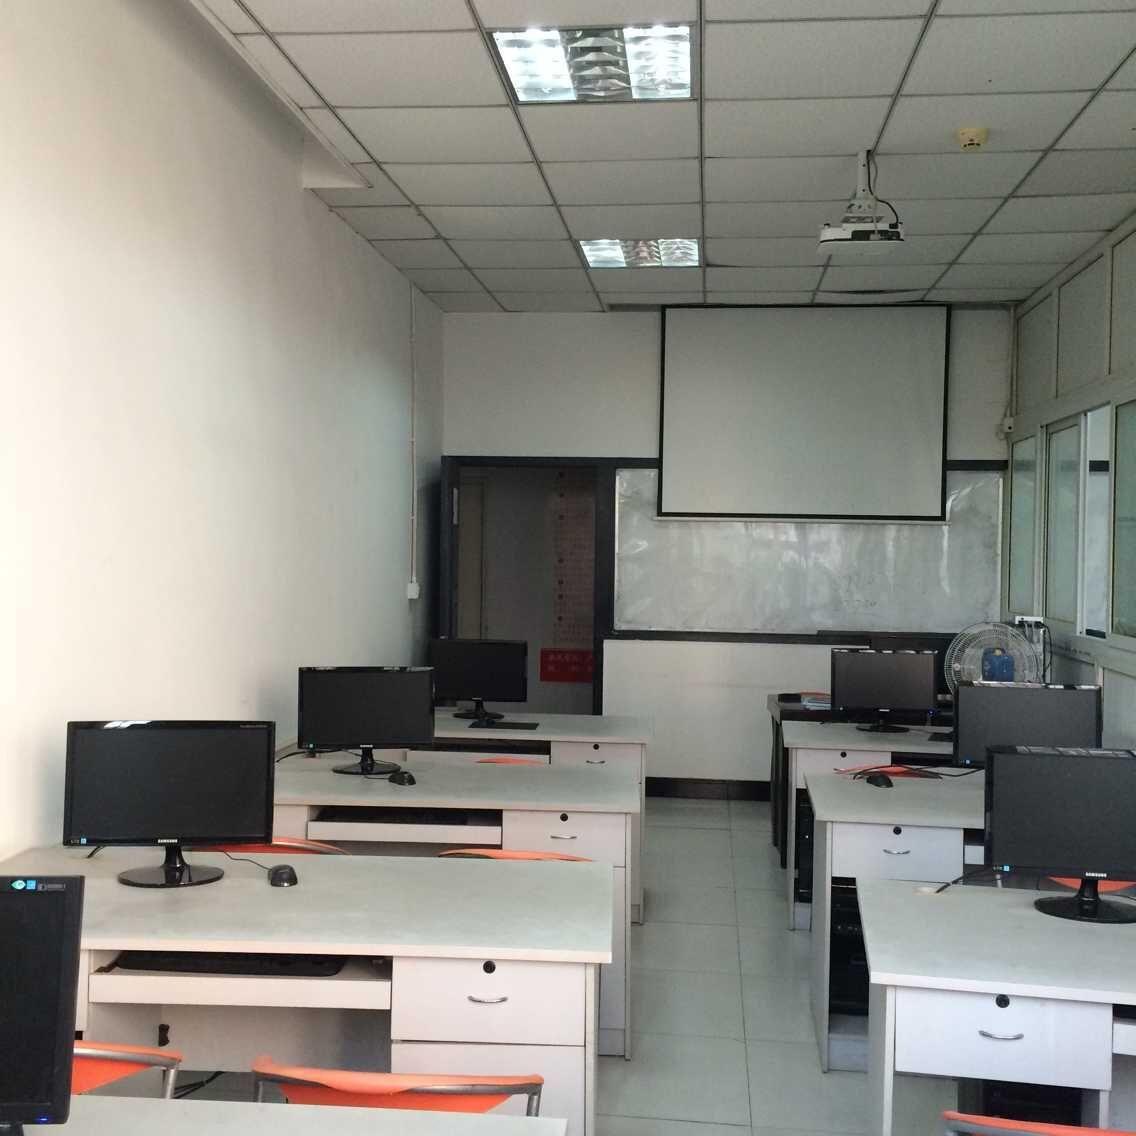 重庆麦积会计培训学校教室2